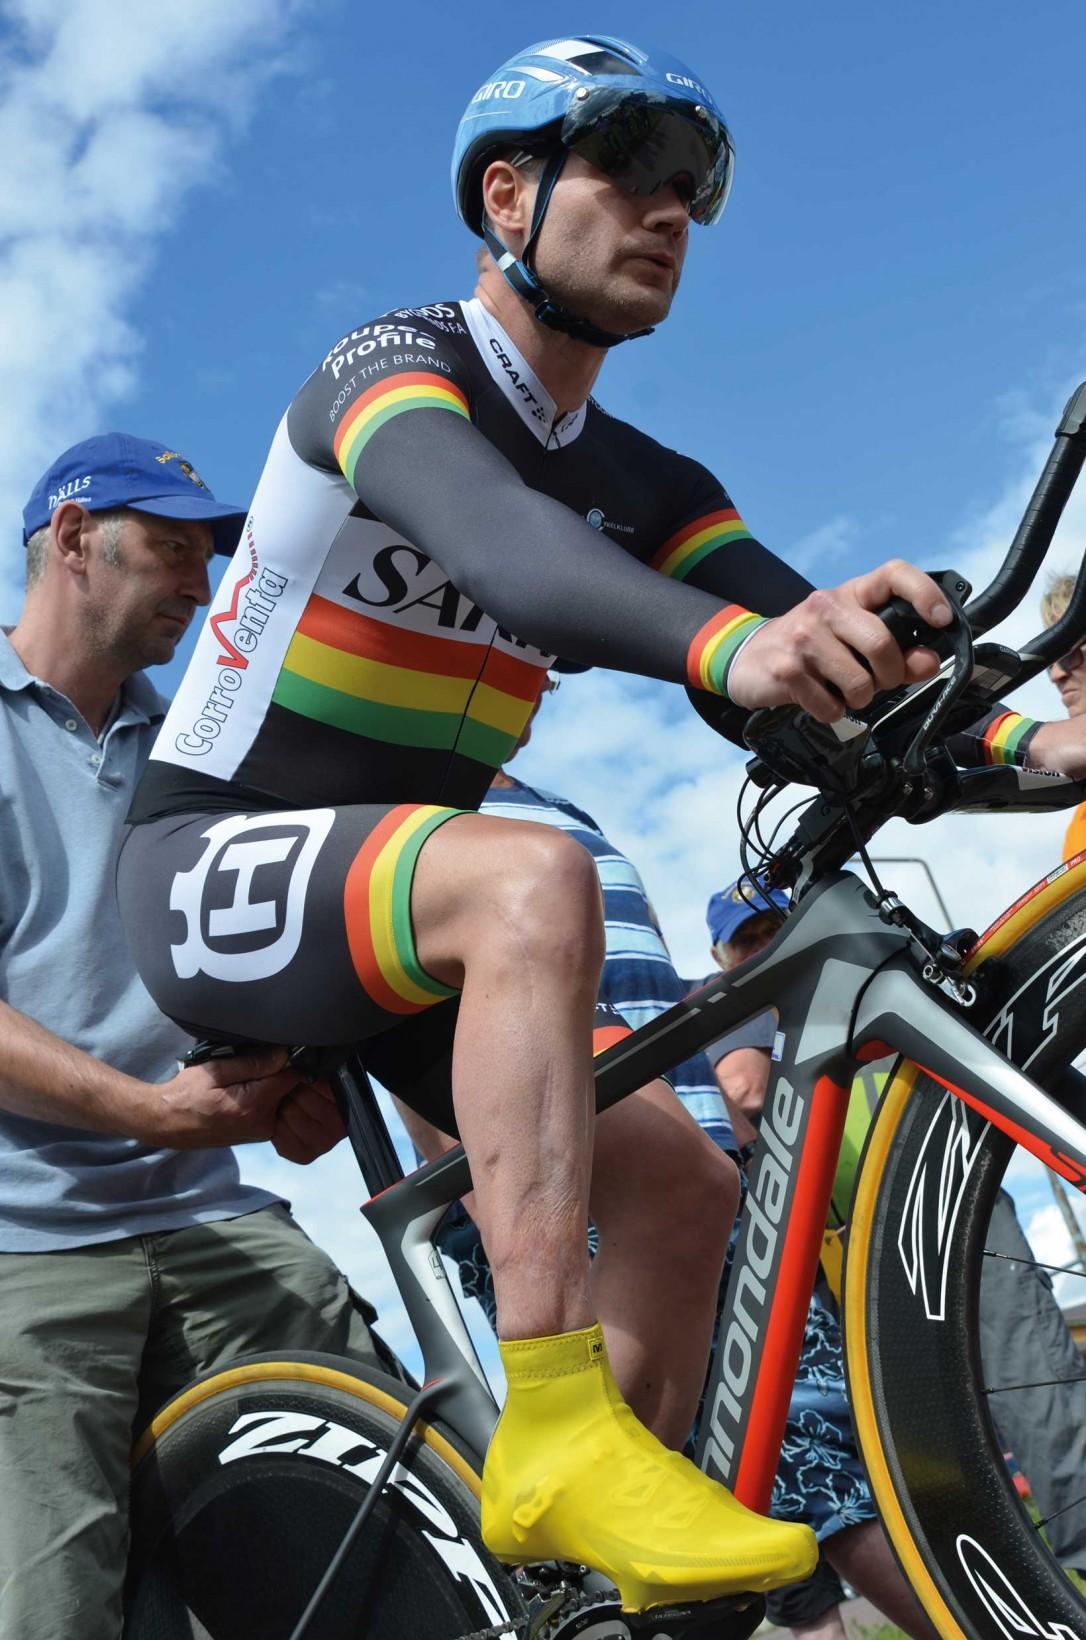 Båda Henriks fötter är stelopererade, ändå cyklar han snabbare än de flesta av oss. Foto: Lena Alfvén